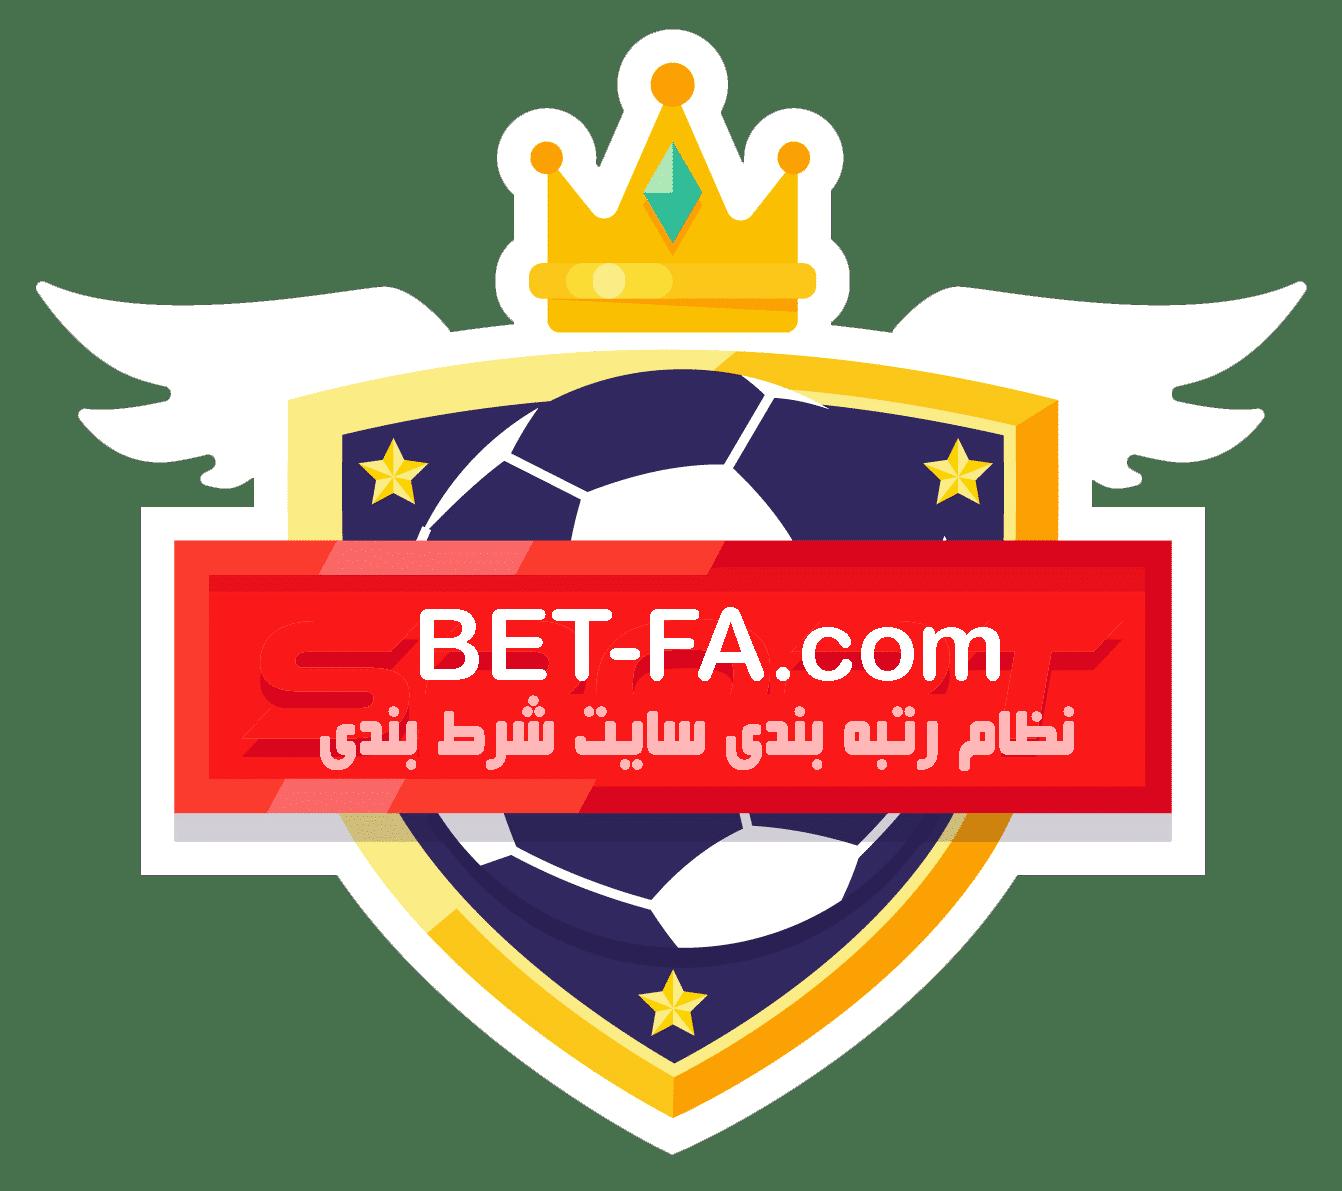 بت فارسی BETFA رتبه بندی سایت شرط بندی